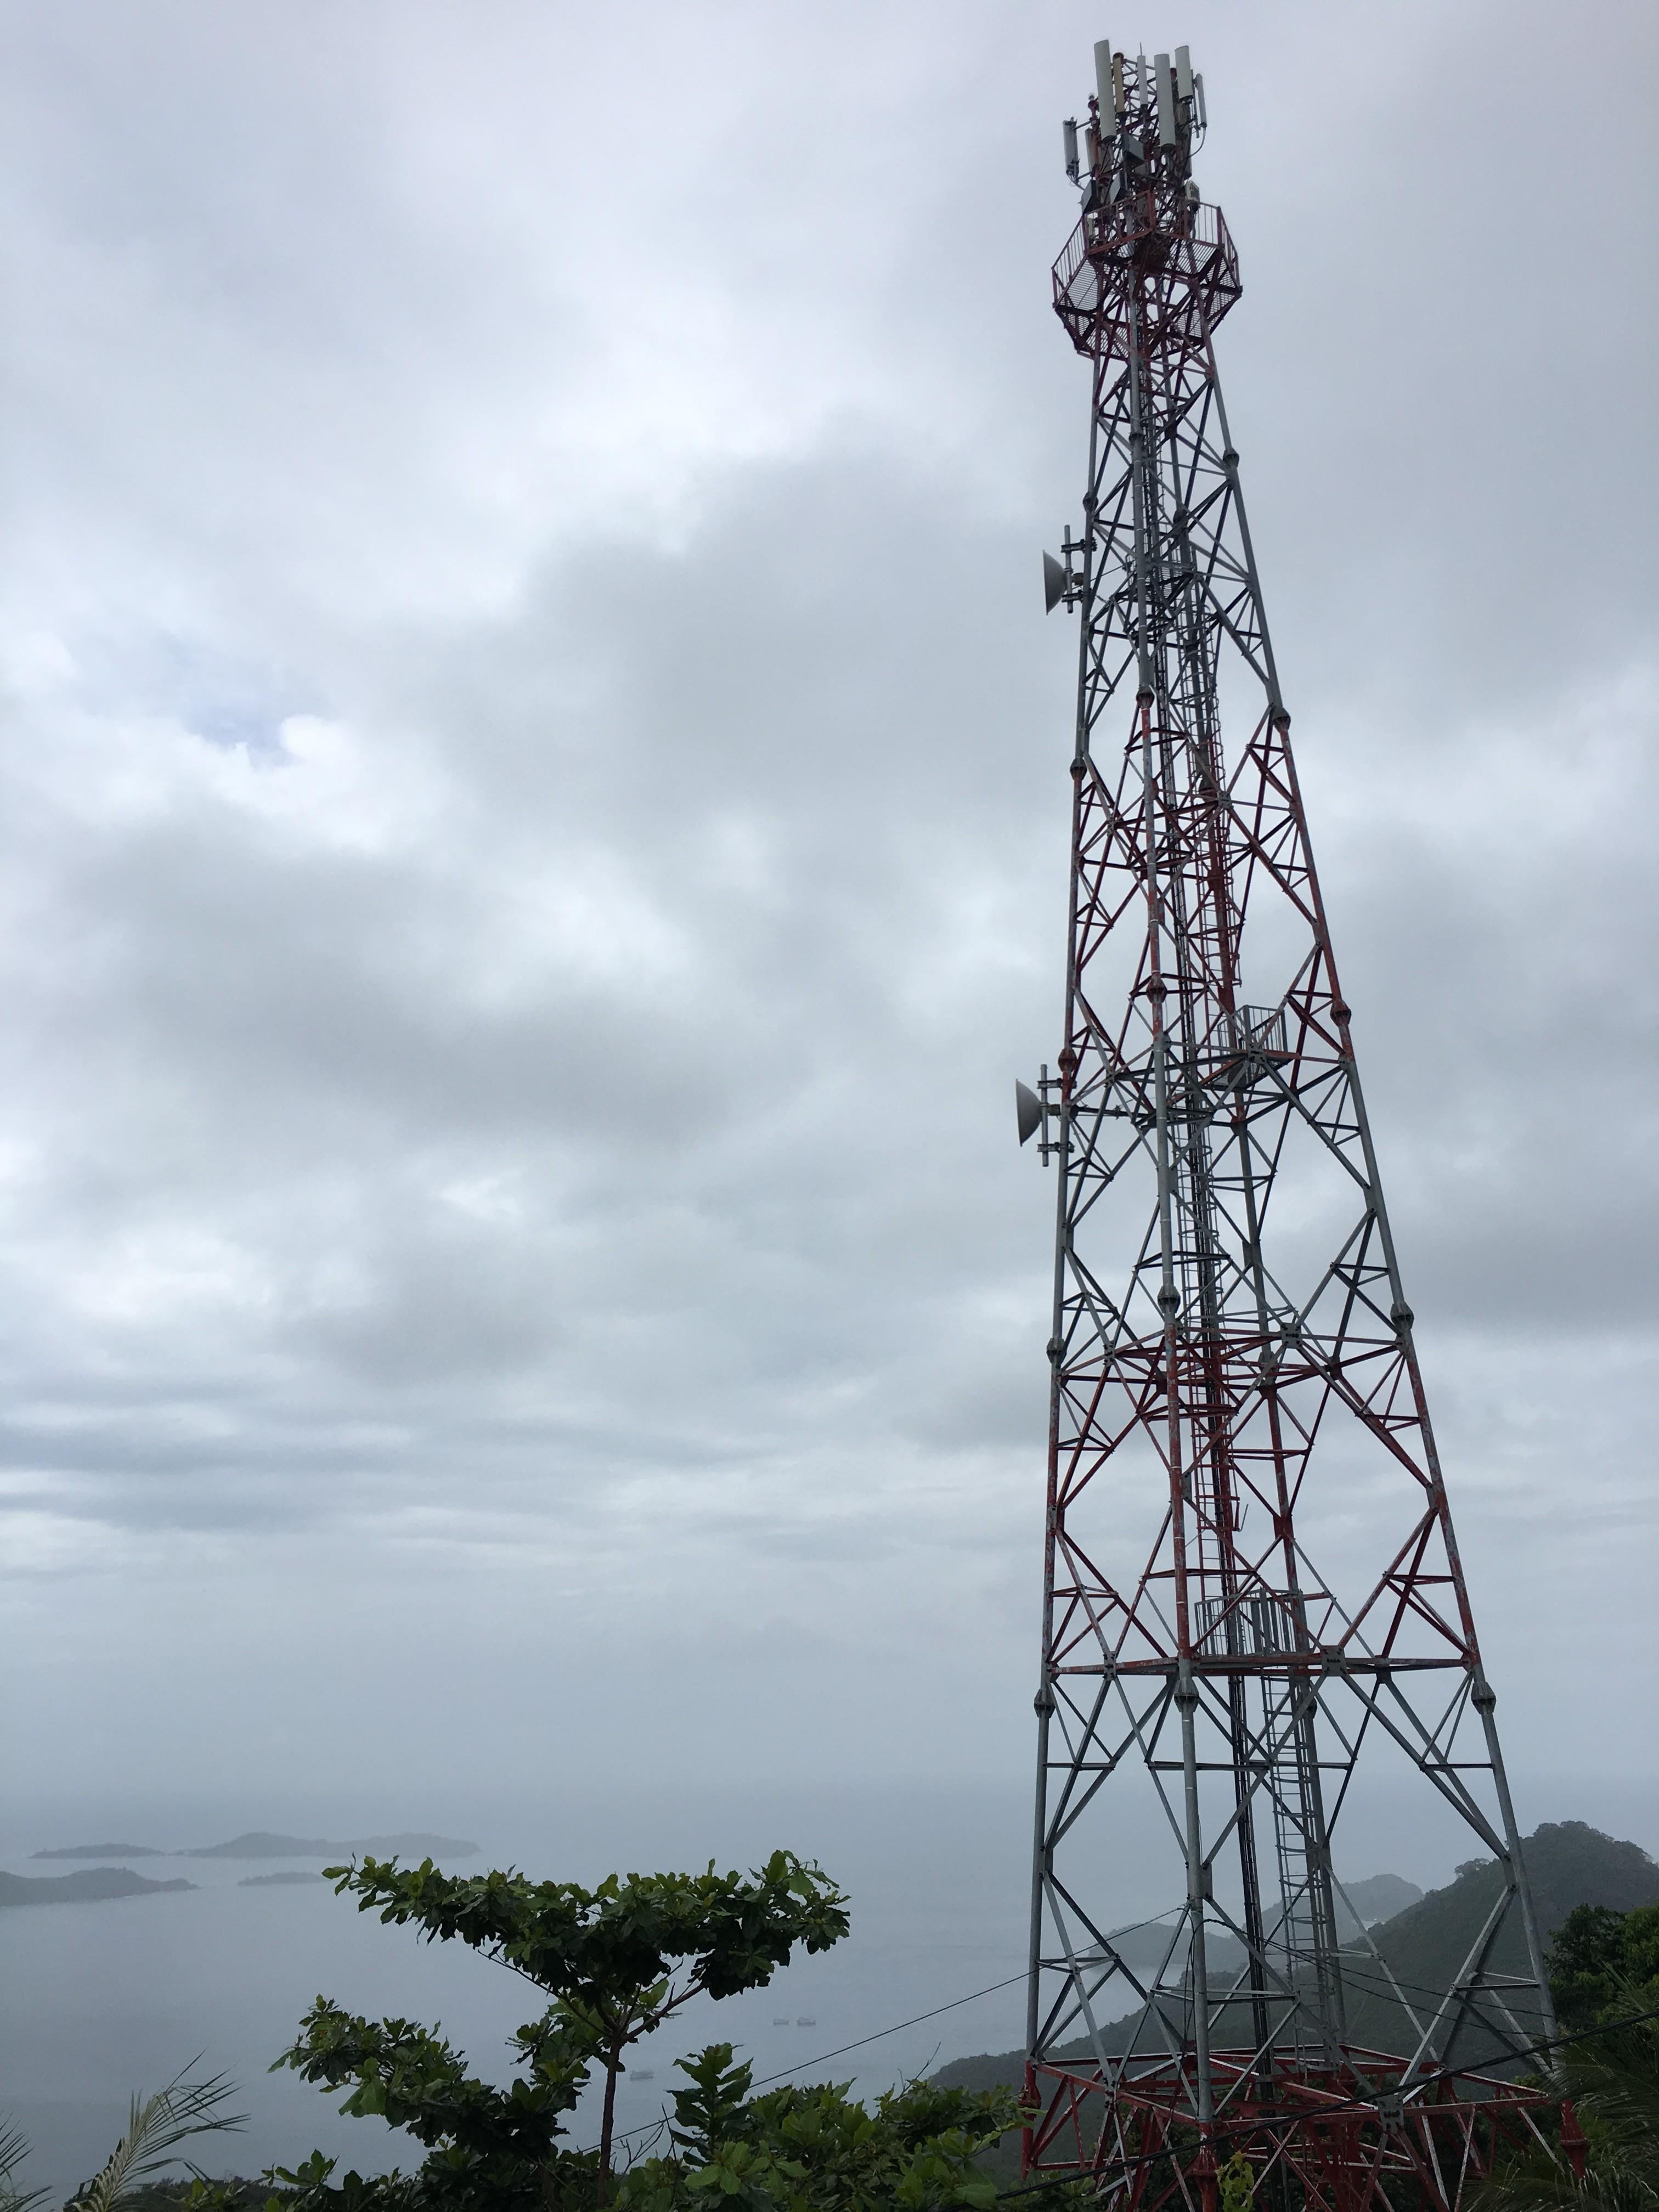 Tháp truyền hình trên đỉnh núi cao nhất của Củ Tron